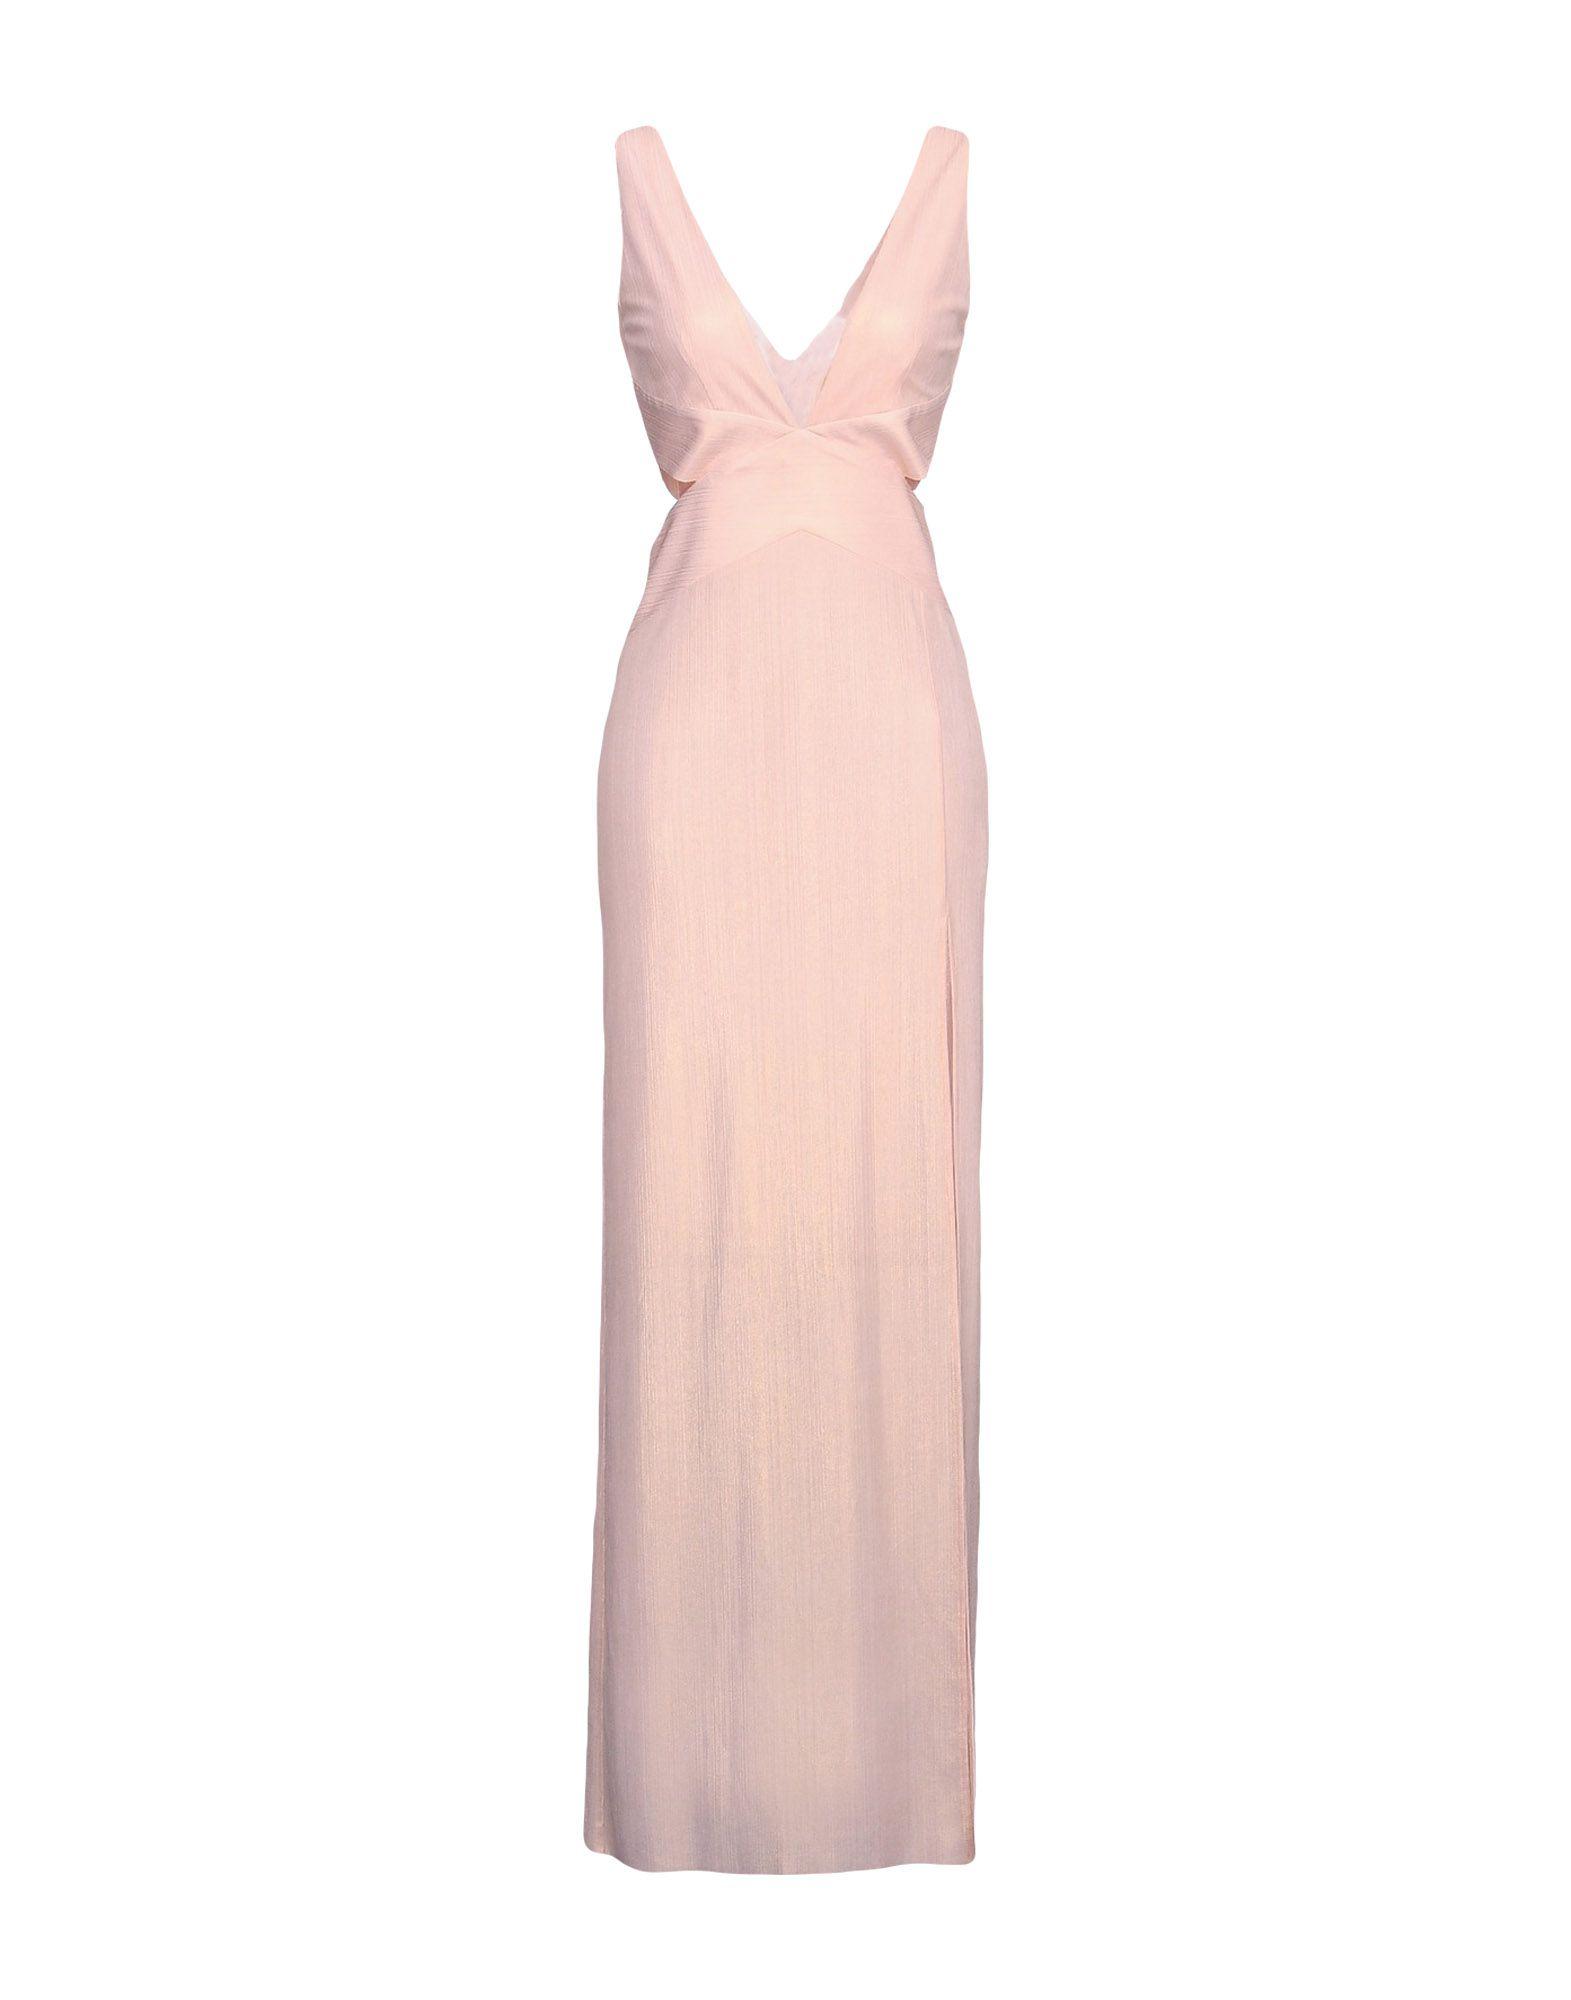 SPACE STYLE CONCEPT Длинное платье платье короткое спереди длинное сзади летнее